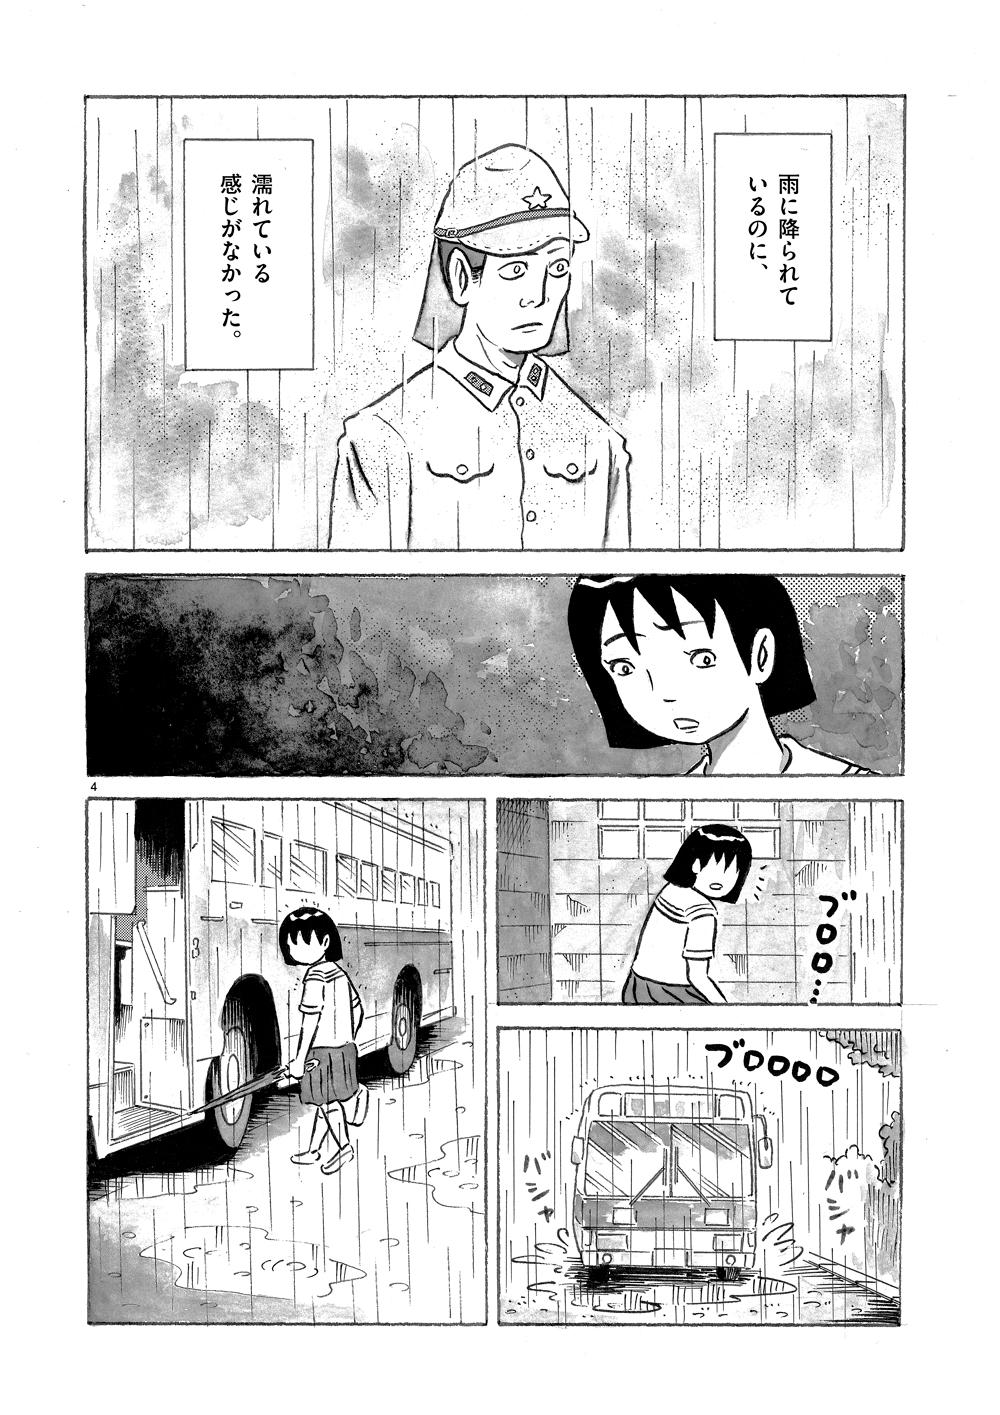 琉球怪談 【第9話】WEB掲載4ページ目画像